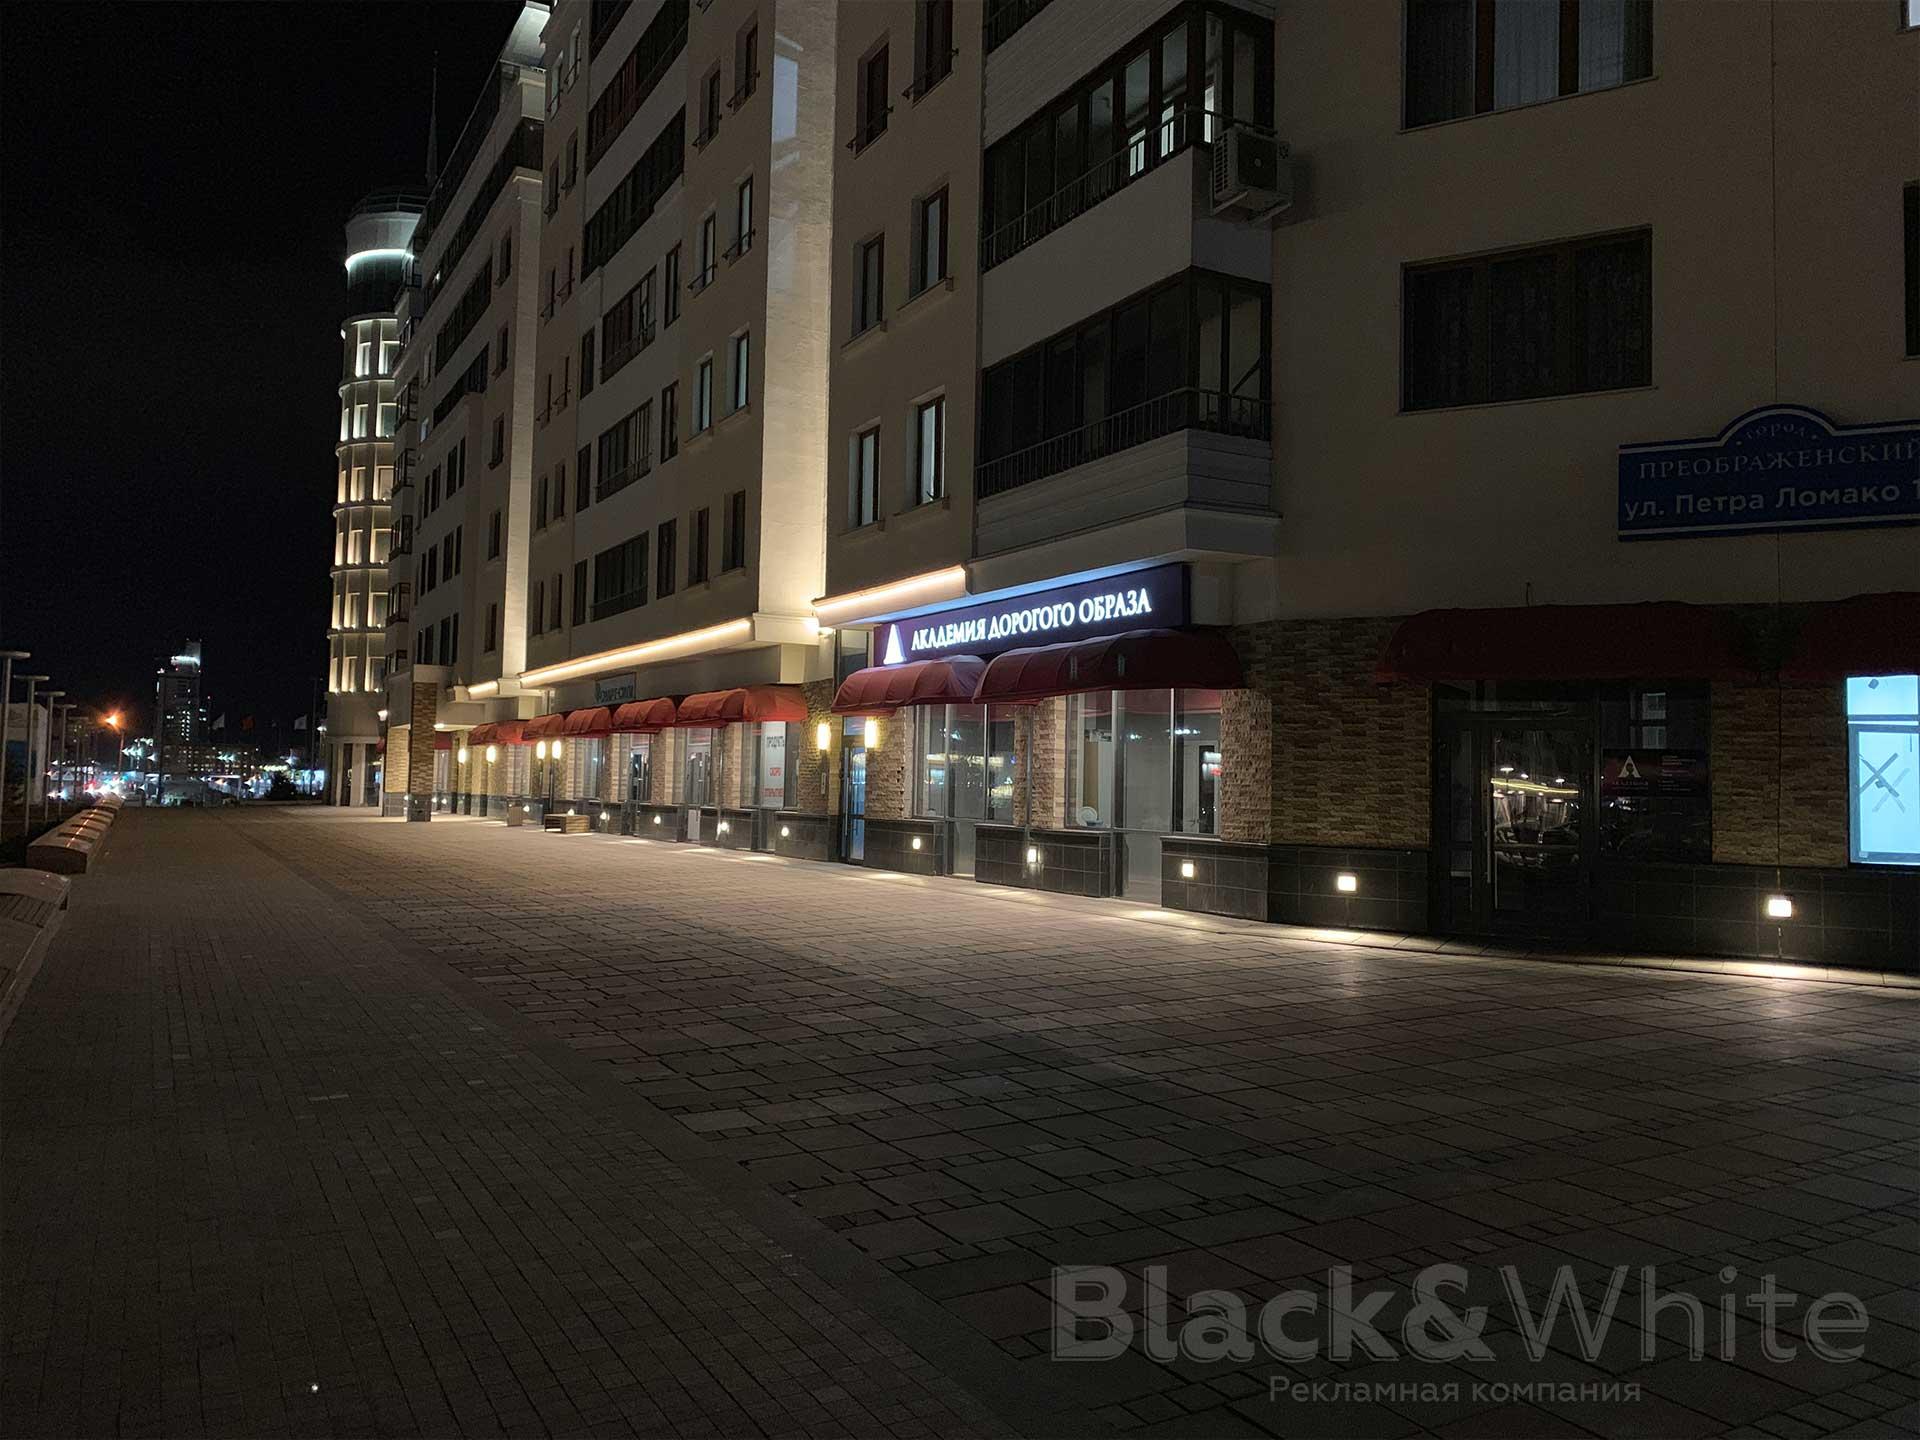 Фасадная-вывеска-в-Красноярске-Световой-композитный-короб-с-инкрустацией......jpg